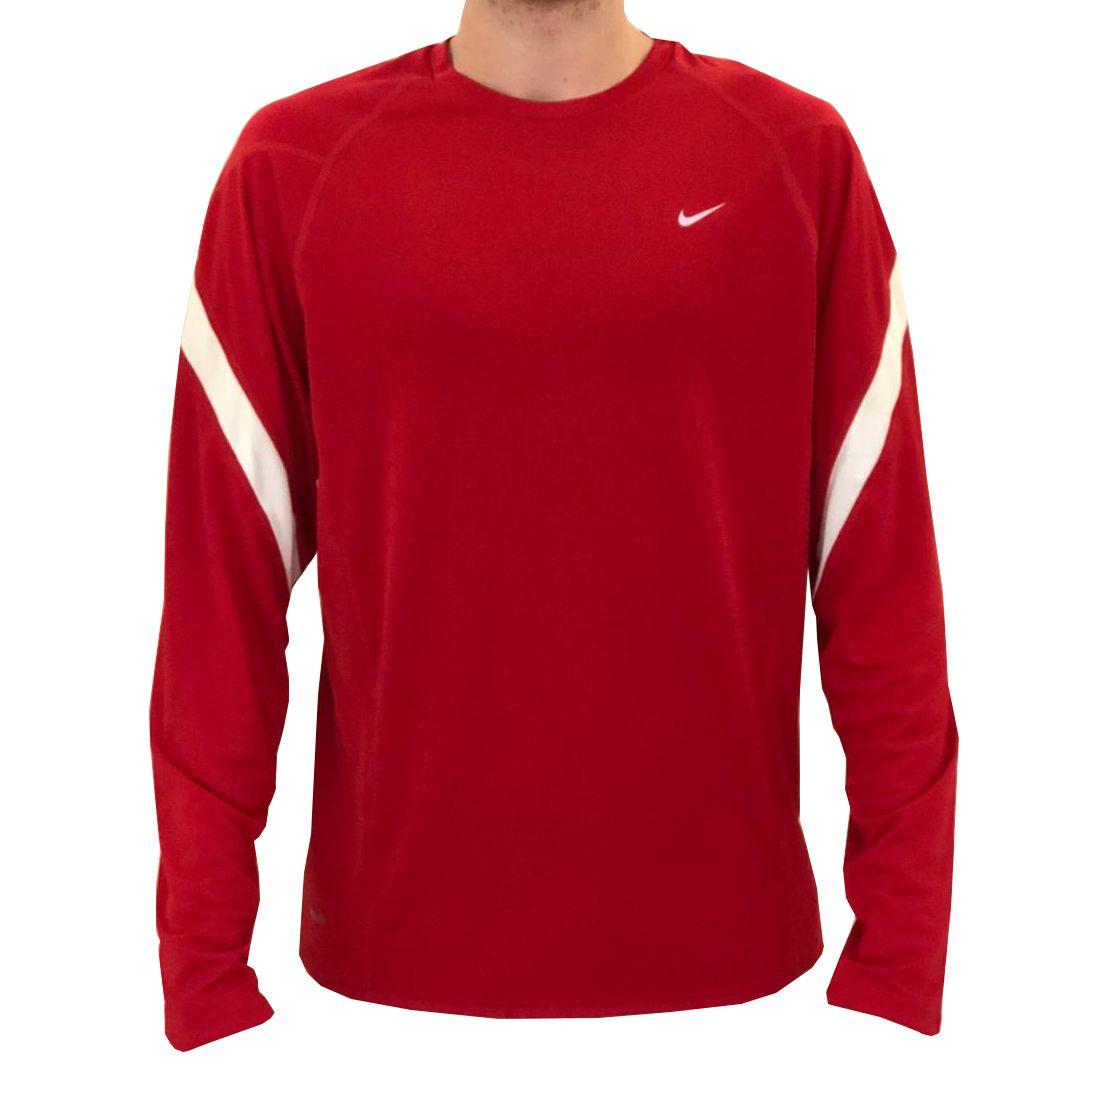 Camiseta Nike Dri Fit Manga Longa Red I